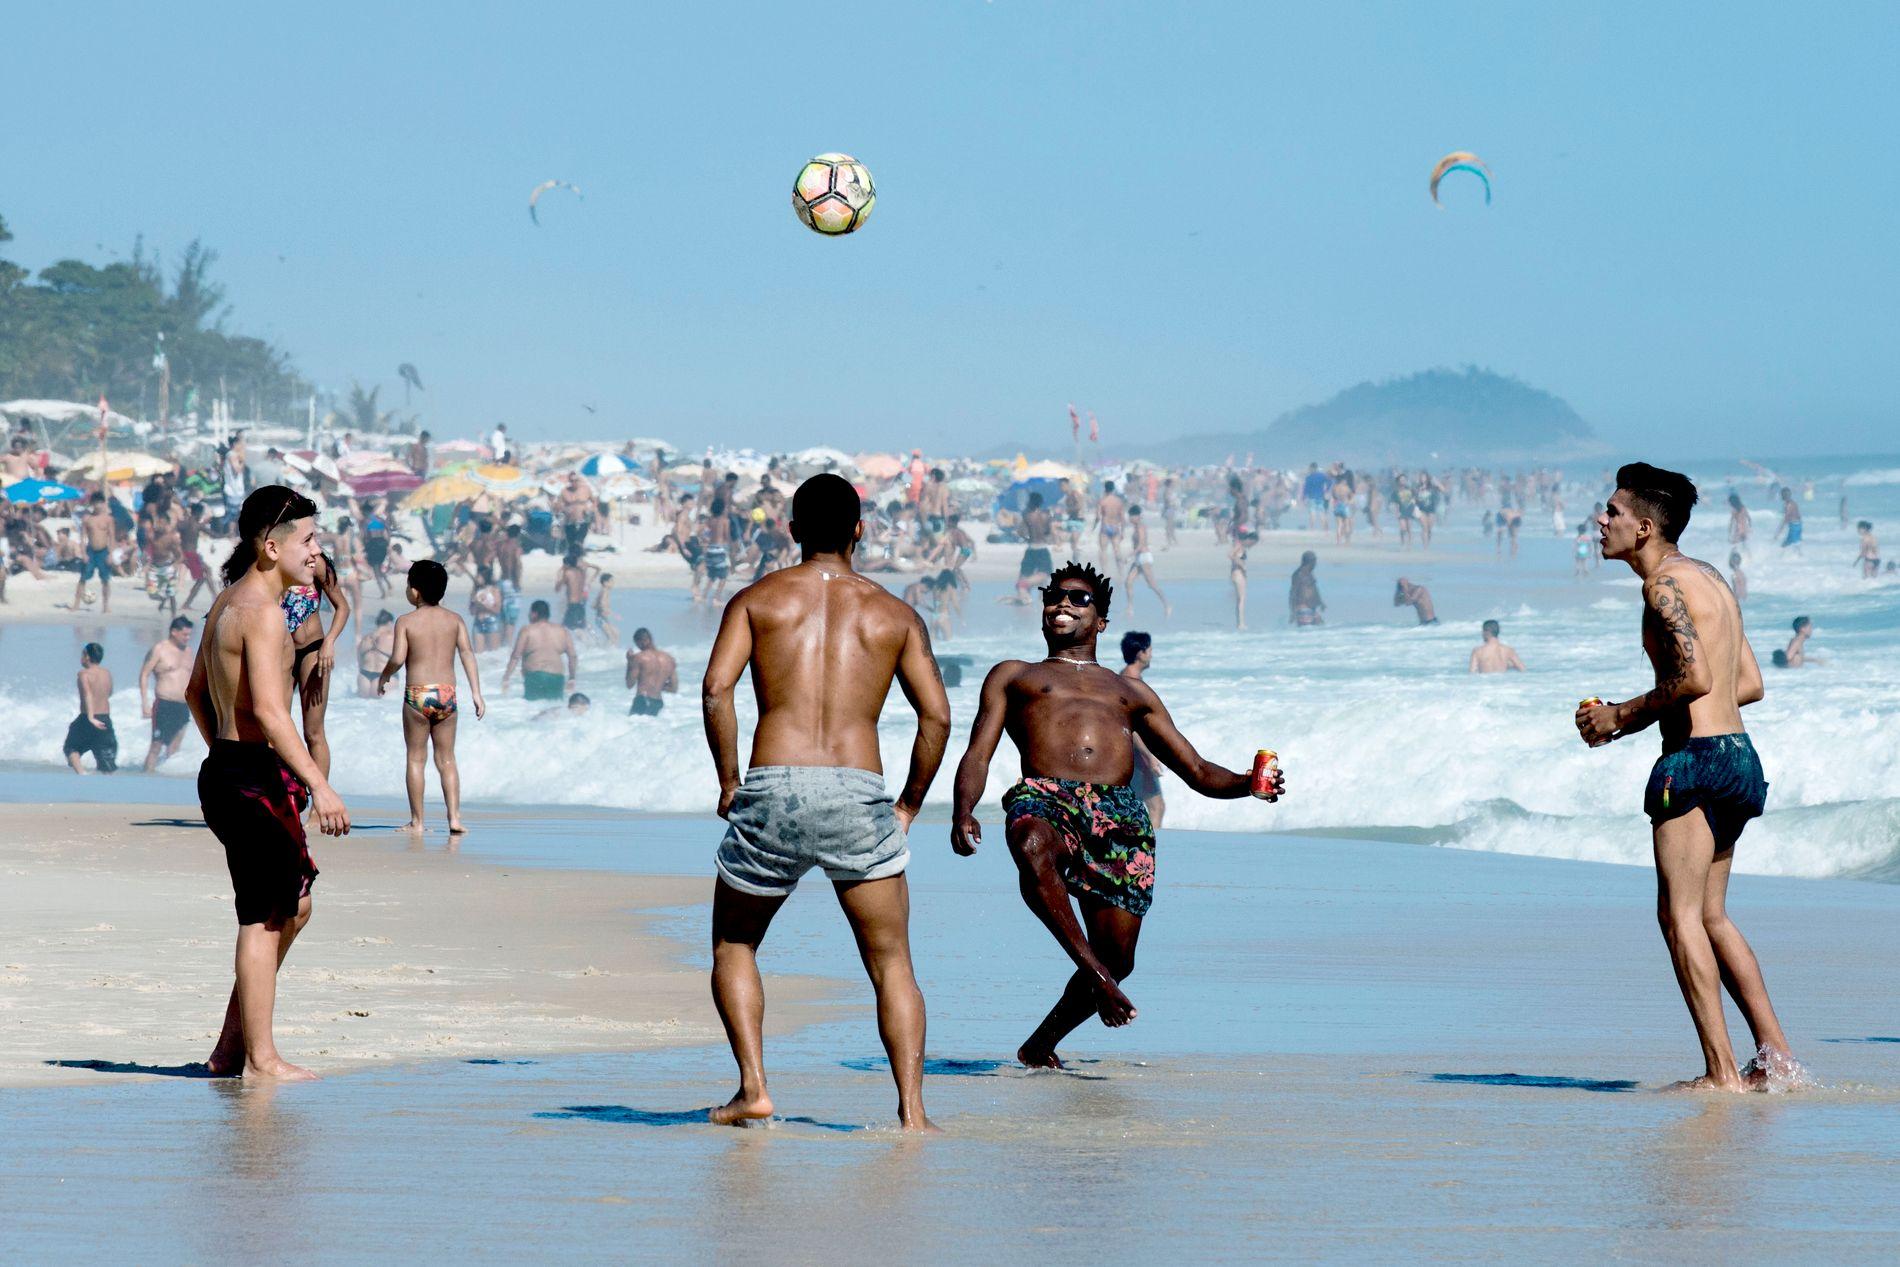 MØRKT BAK IDYLLEN: Det er ingenting å si på humøret til denne gjengen som spiller fotball på stranden i voldsherjede Rio de Janeiro. 1127 personer ble drept av politiet eller militære styrker i Rio i 2017, en økning på 19 prosent fra året før. 119 politifolk ble drept.